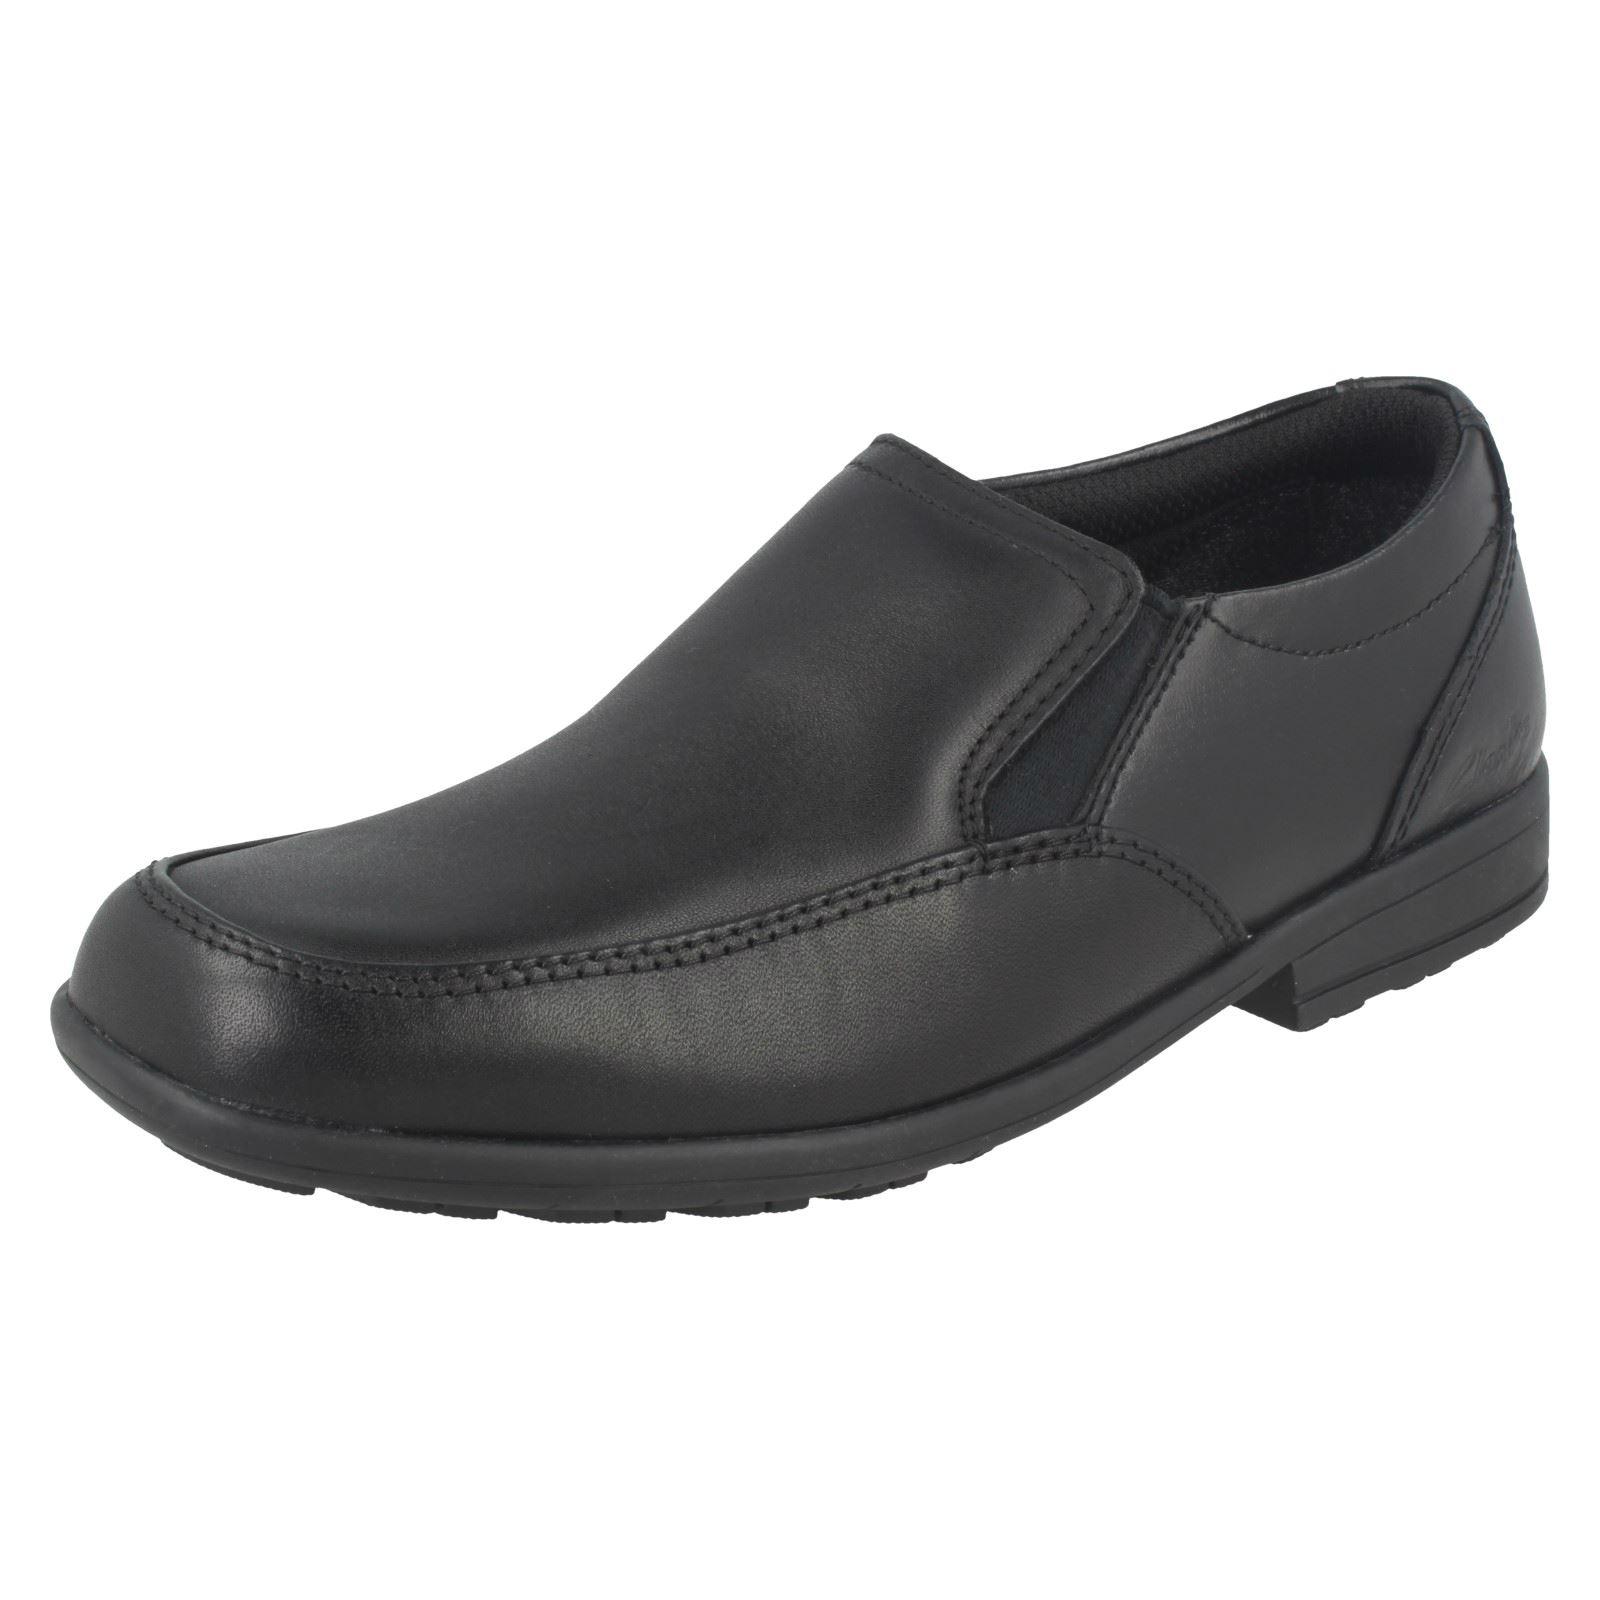 D'école Garçons Ebay Mocassins Clarks Chaussures Step Kooru Style ' rrPIvqg